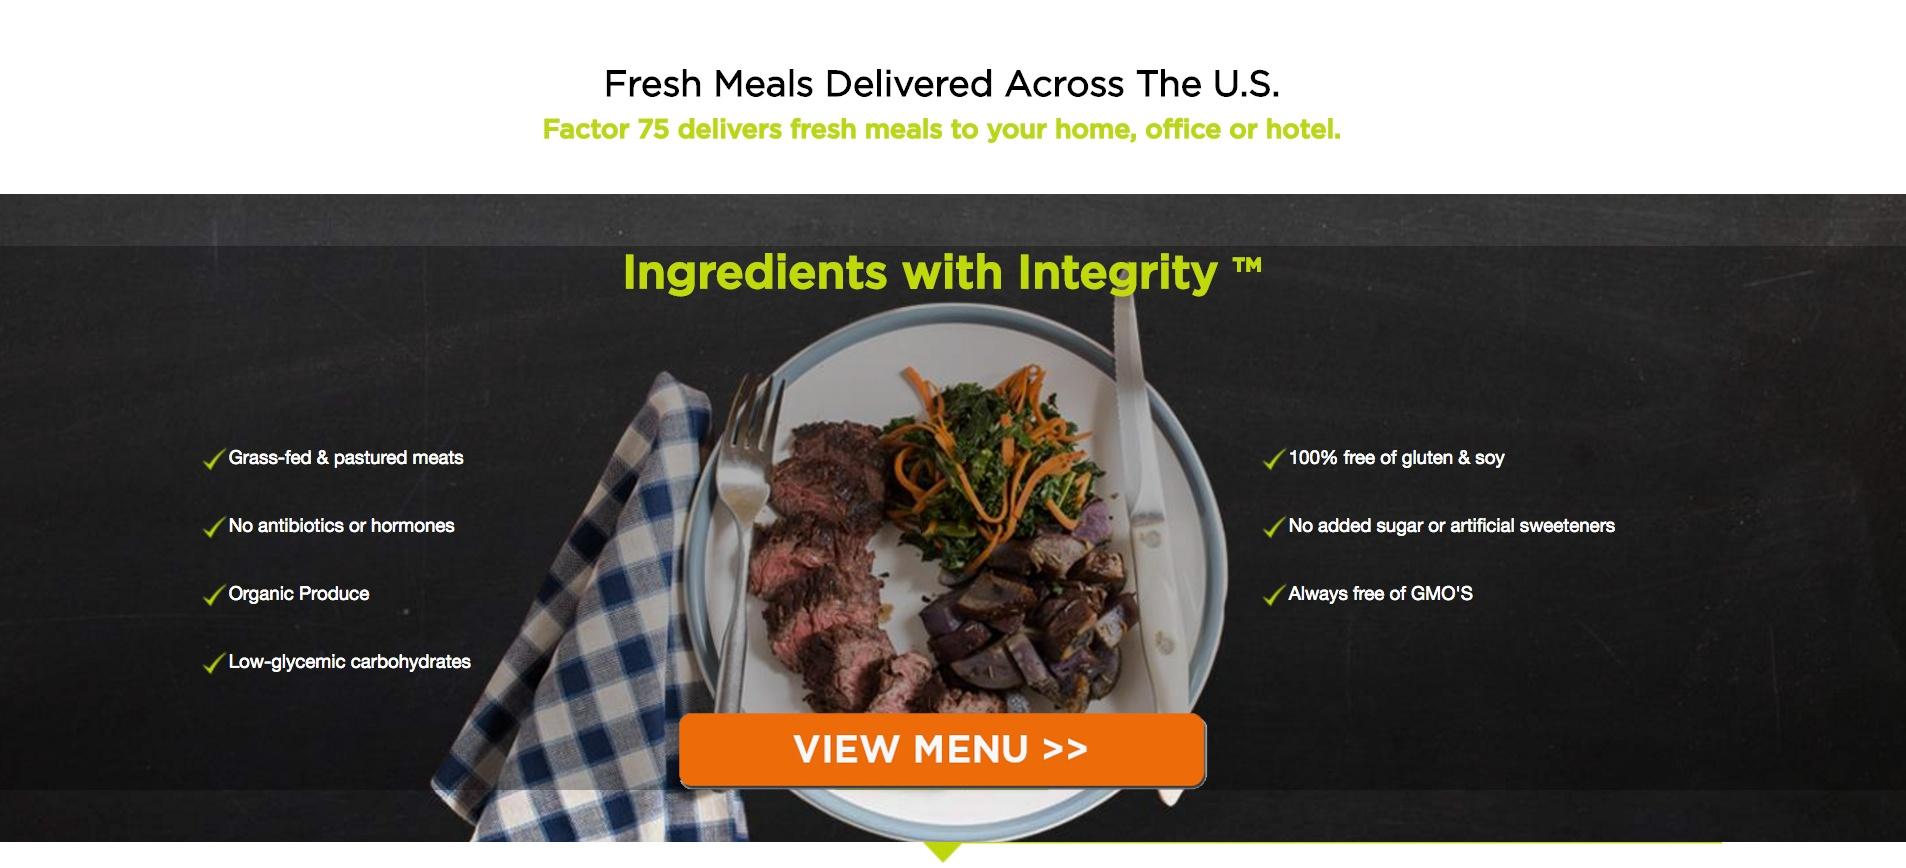 ags-landing-page-view-menu-ingredients-integrity.jpg